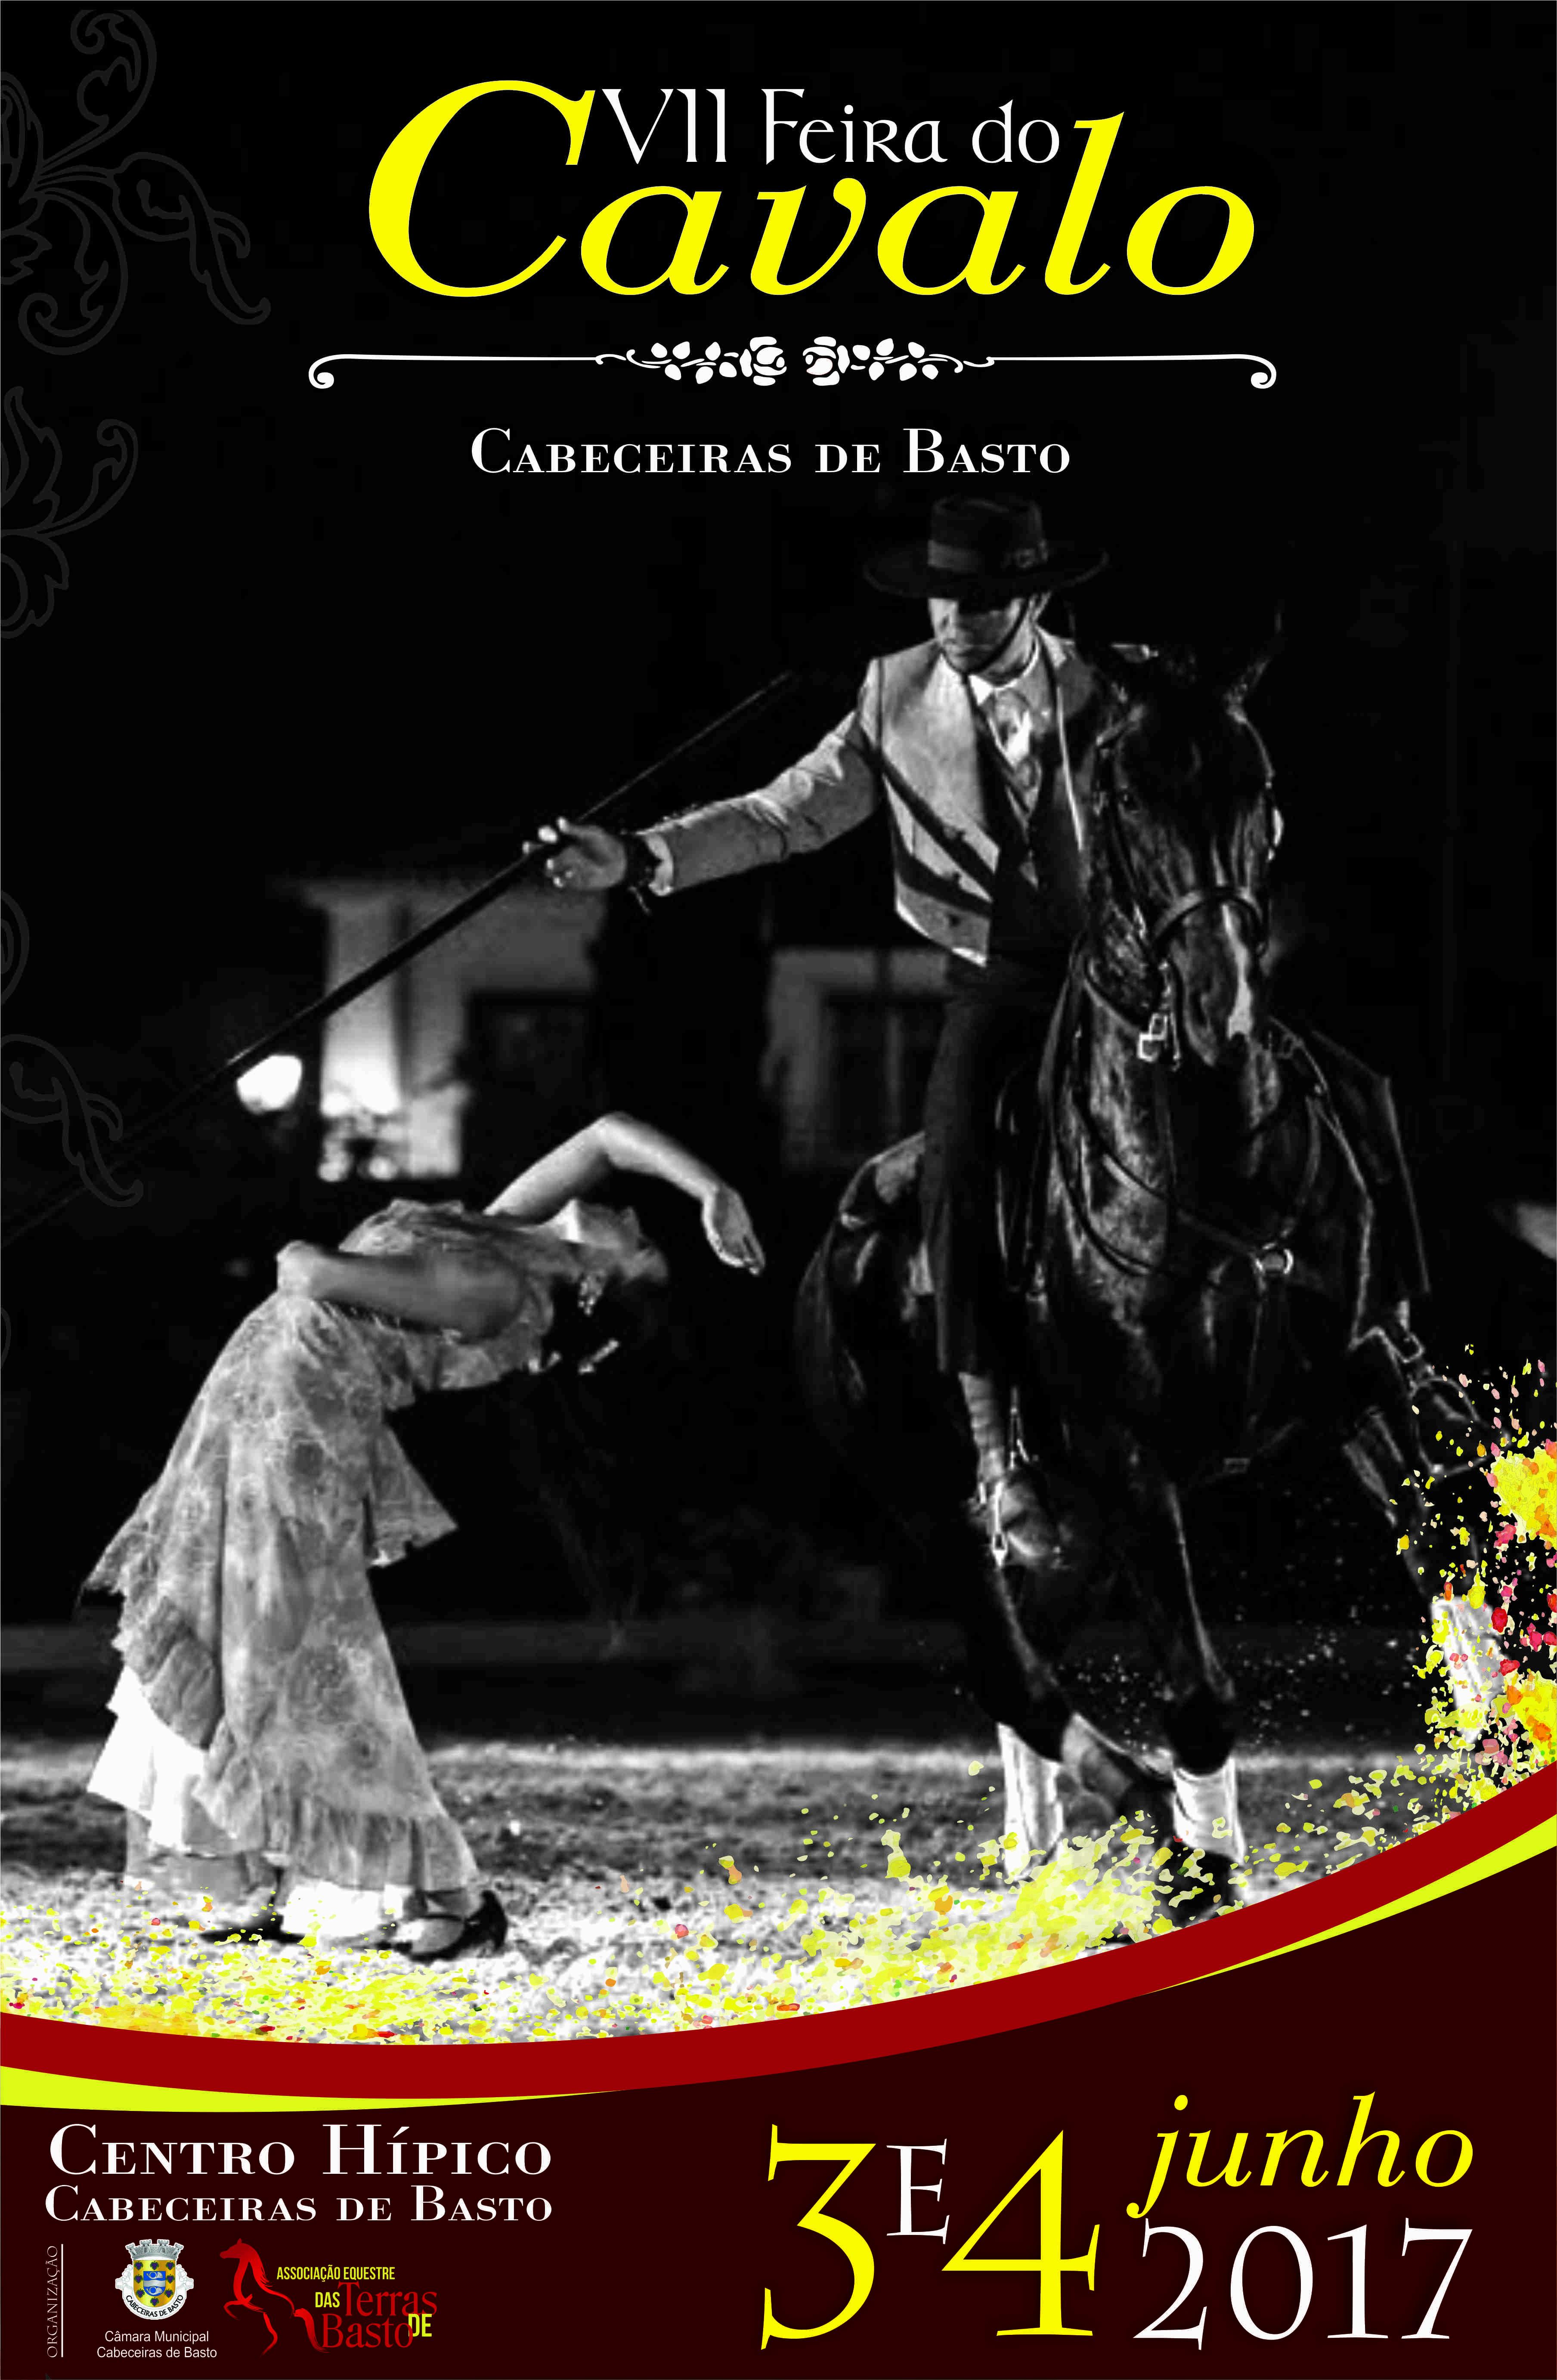 feira cavalo cabeceiras de basto